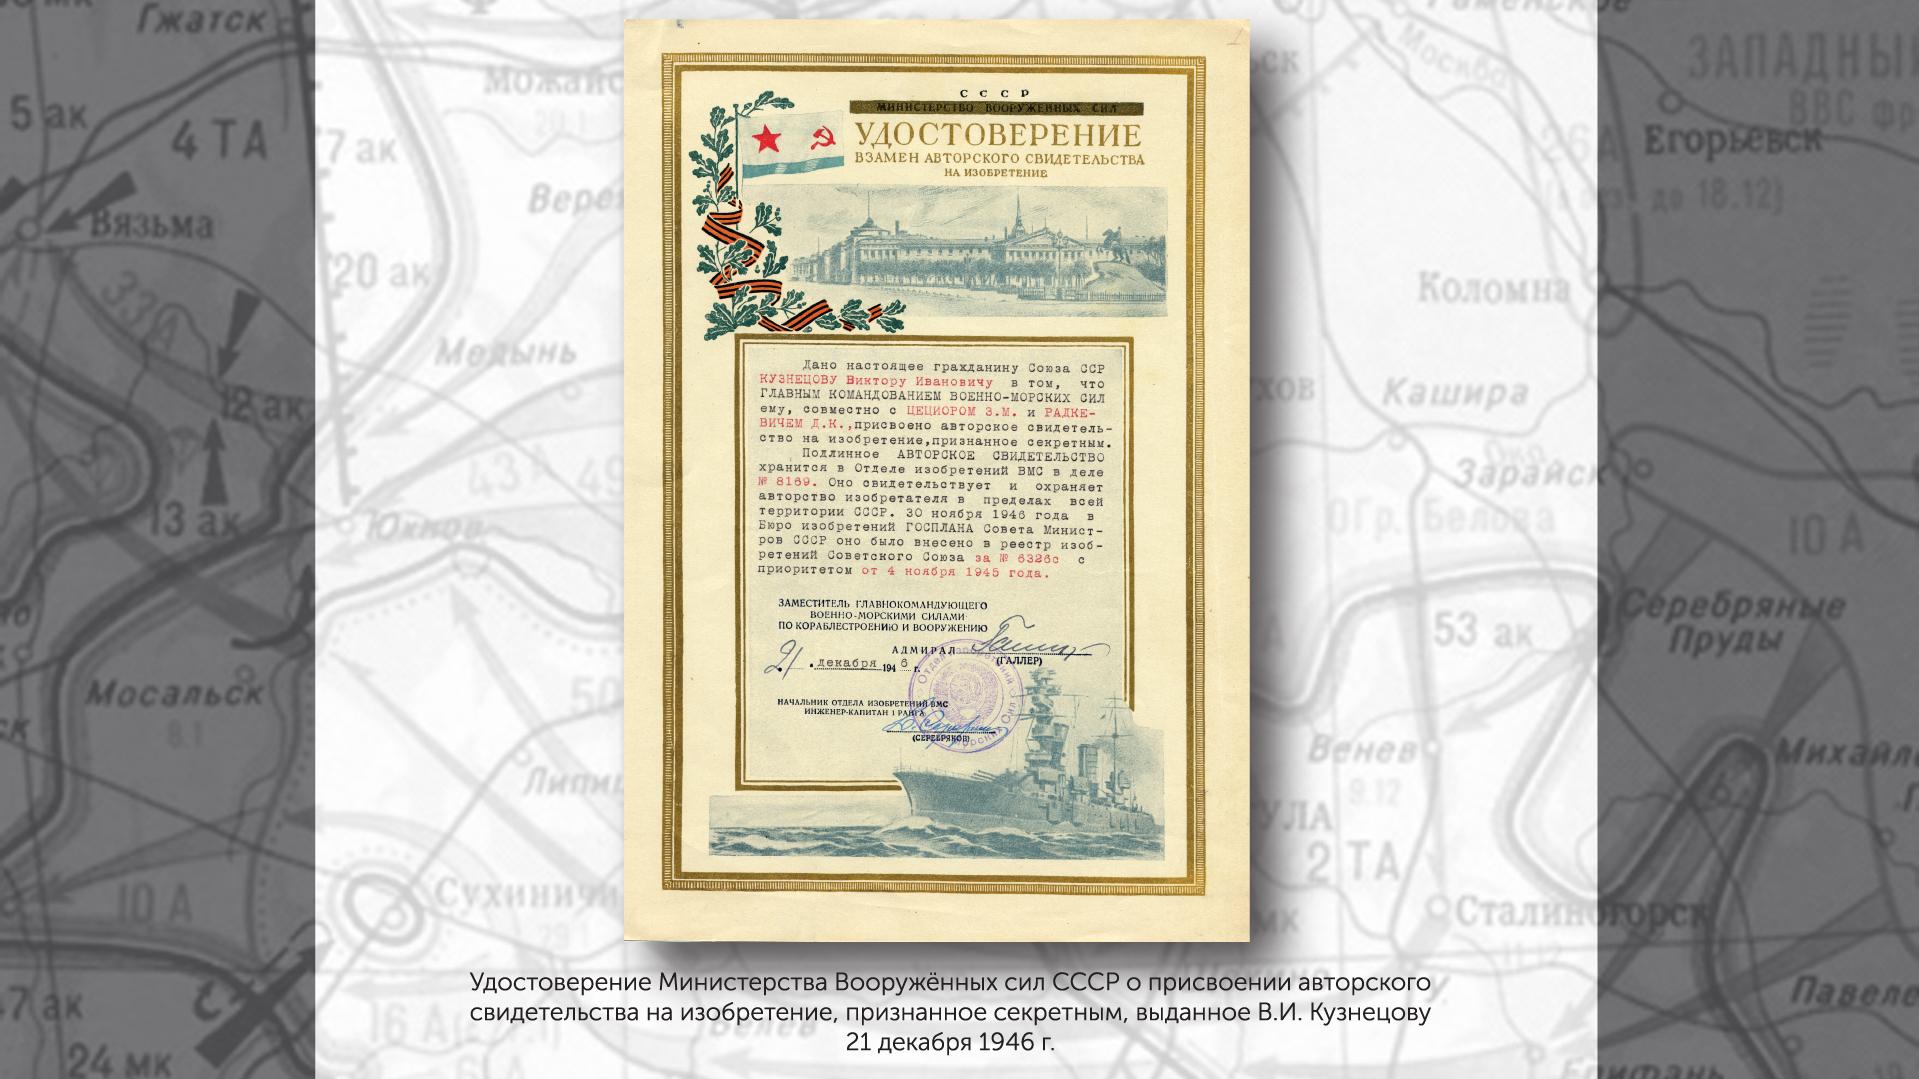 Удостоверение об авторском свидетельстве на изобретение В.И. Кузнецова